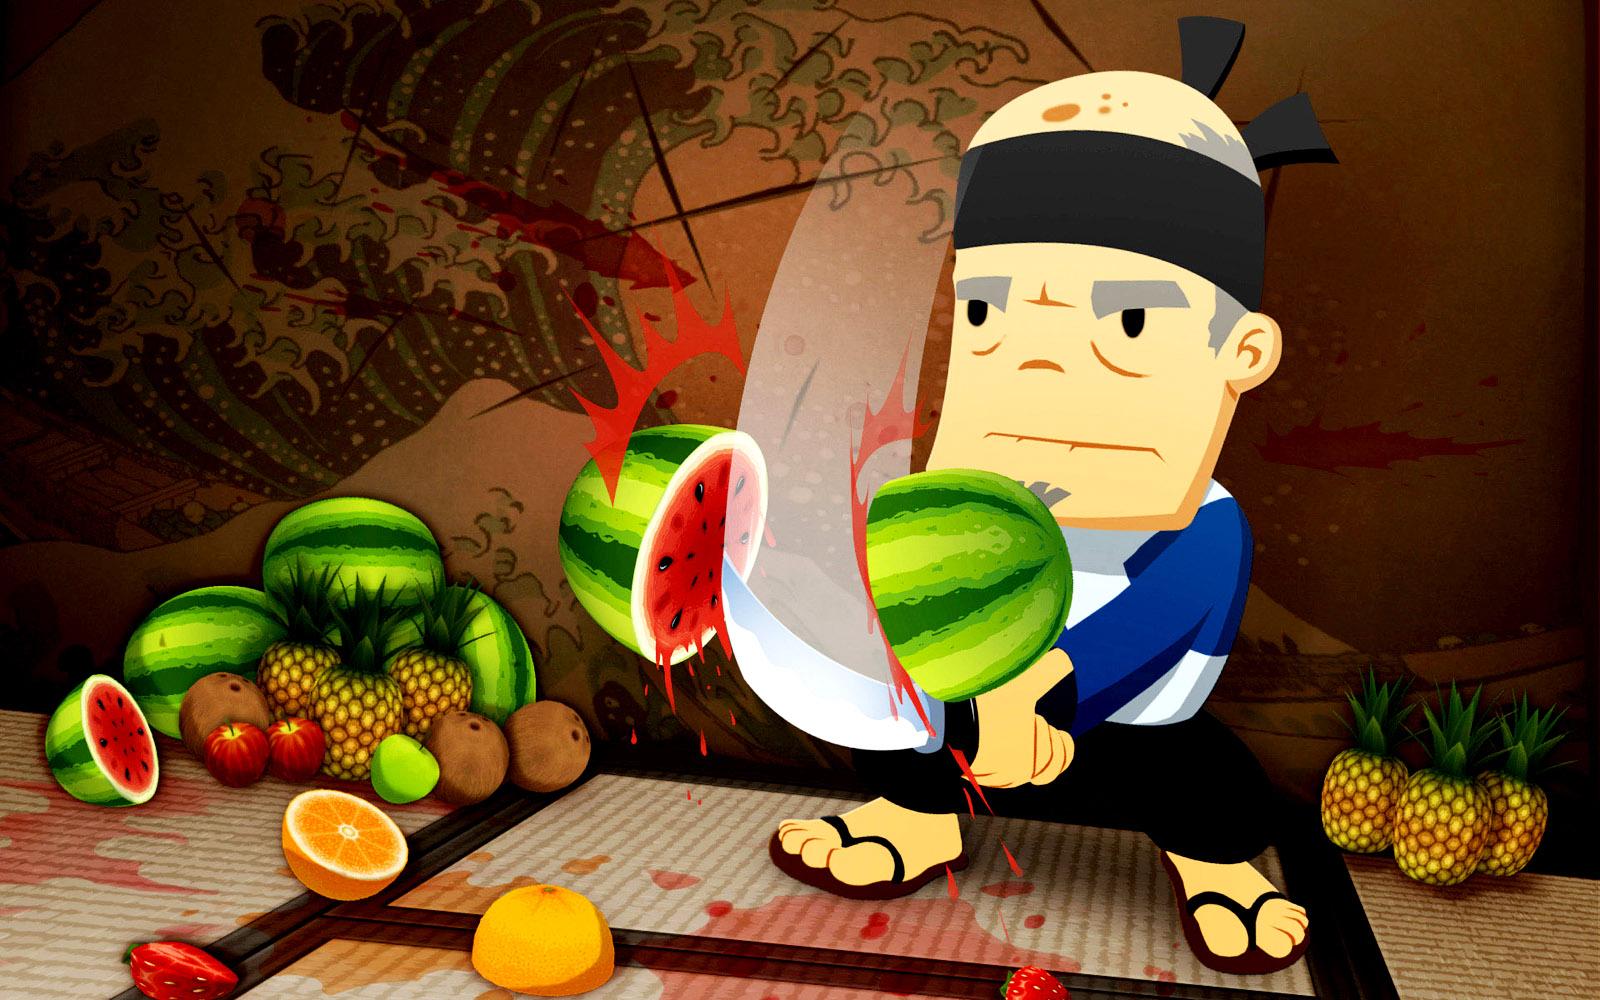 http://1.bp.blogspot.com/-De9ZGX6qkN4/TvorMCU74vI/AAAAAAAAAMU/-Re8KuAcr8c/s1600/Fruit_Ninja_HD_Wallpaper-Vvallpaper.Net.jpg